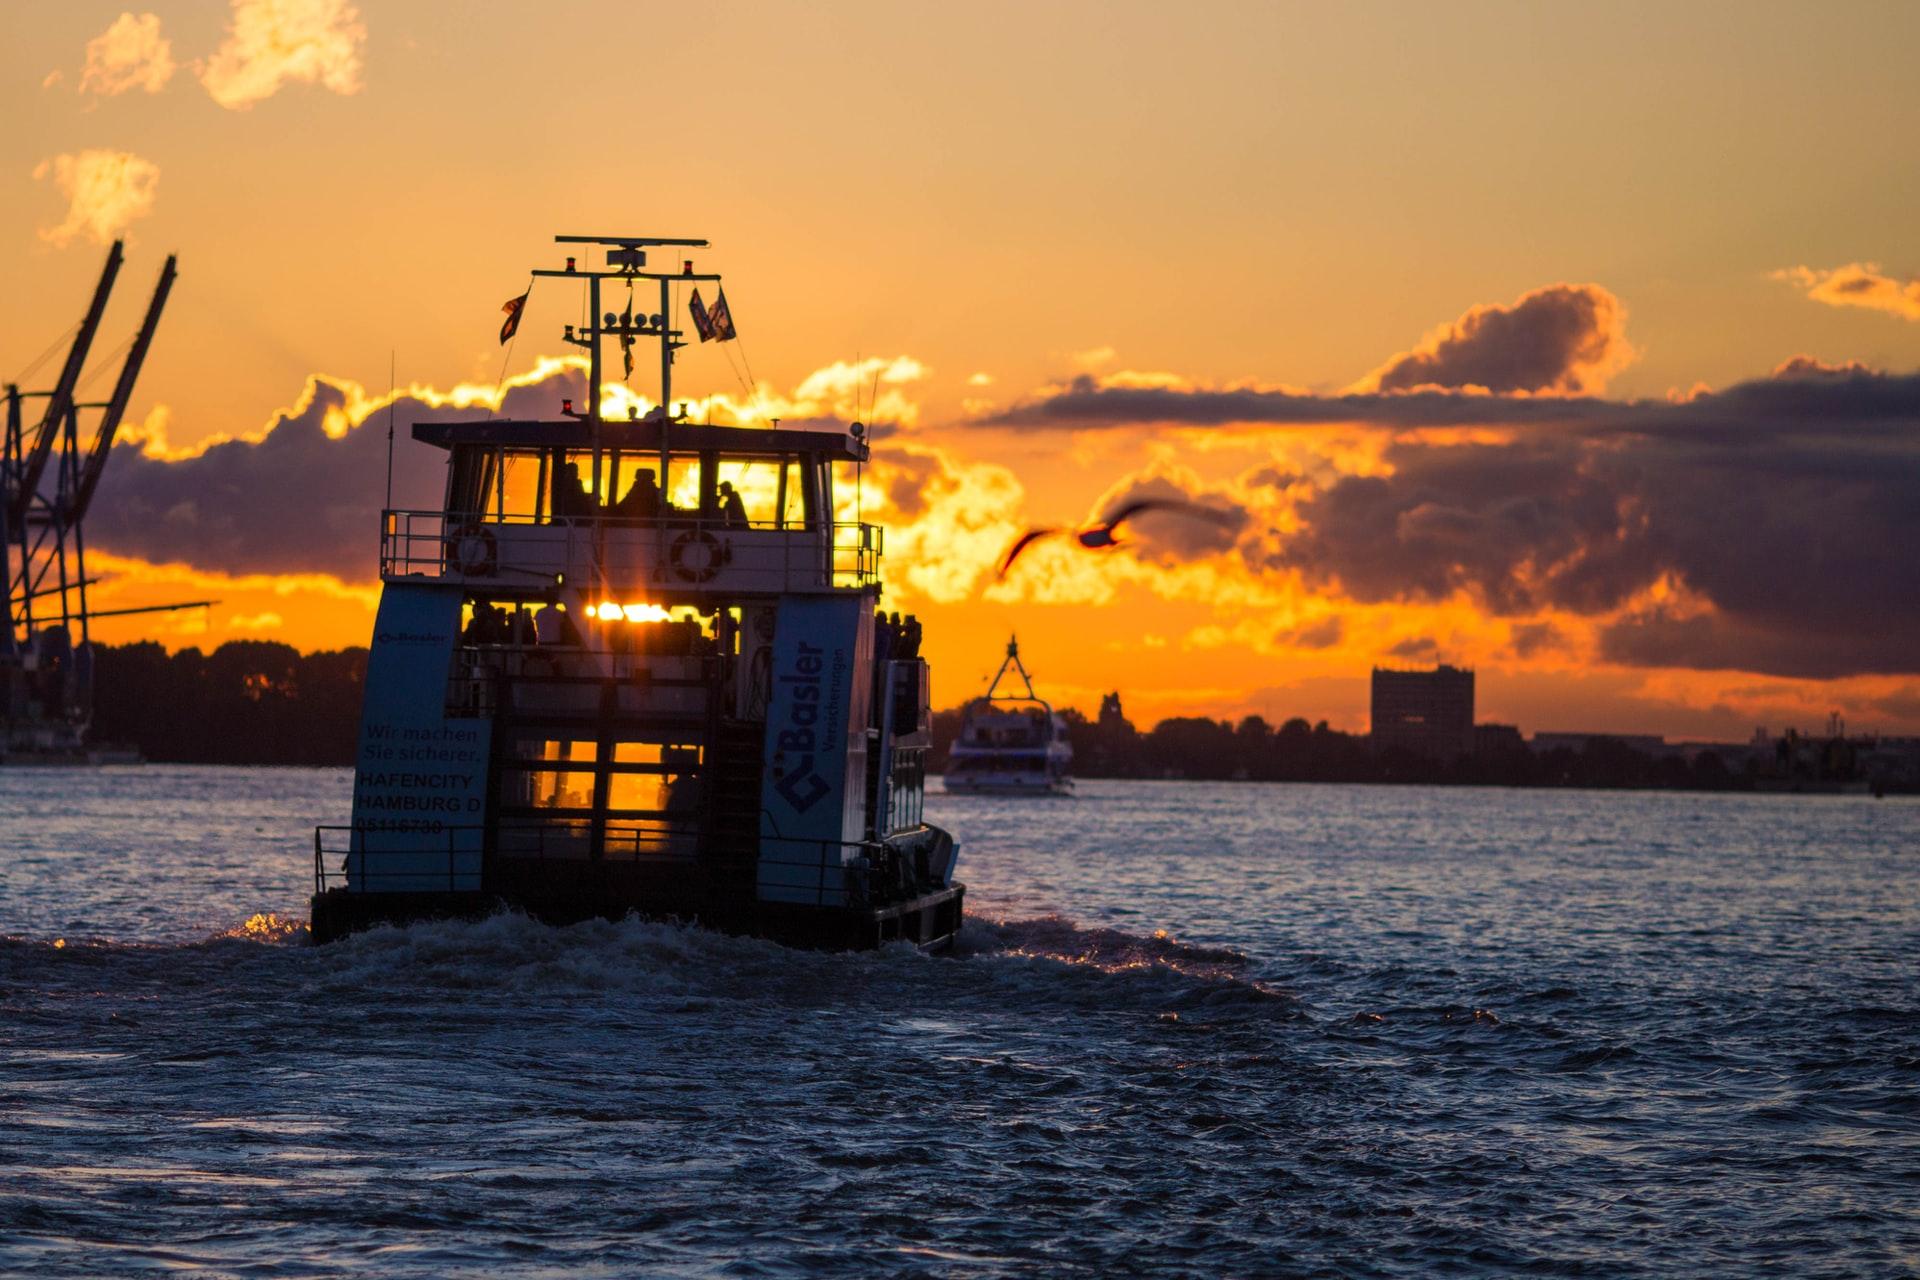 Regional reise, Urlaub in Hamburg, Hafenfähre und Sonnenuntergang